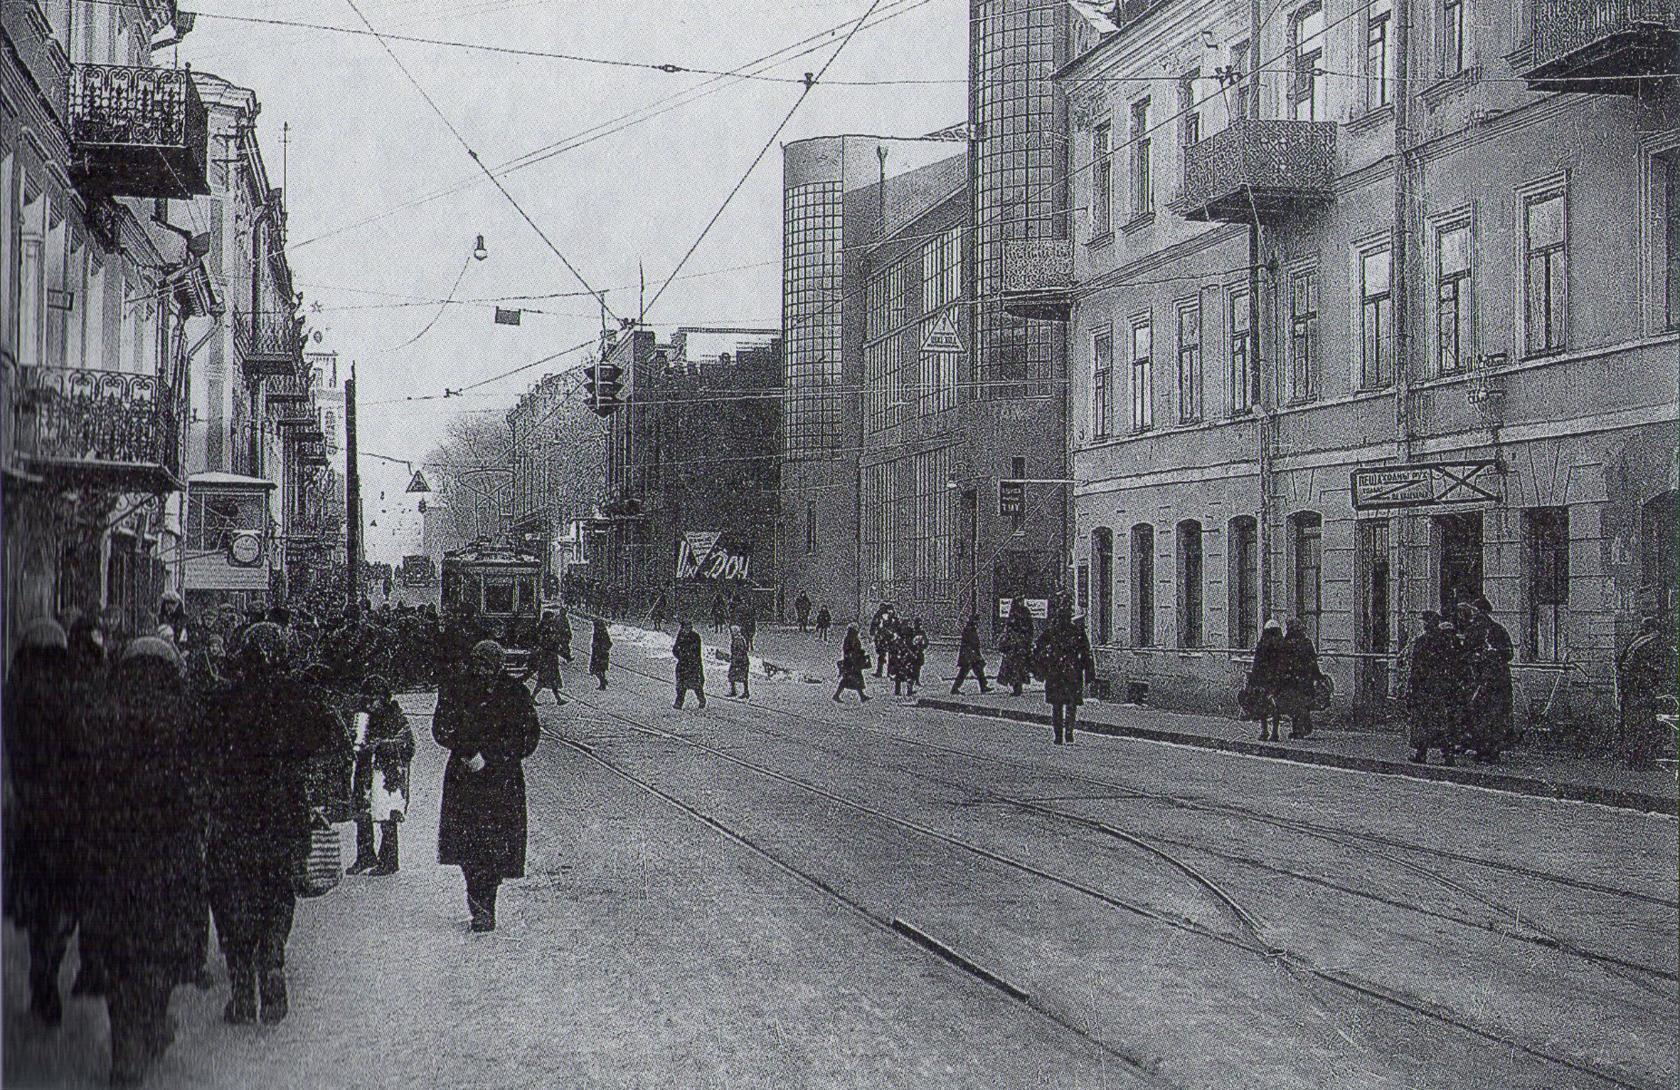 На перекрёстке улиц Советской и Ленинской был установлен один из первых минских светофоров. Справа видно оригинальное здание в конструктивистском стиле. Здесь размещалась белорусская контора Госбанка СССР. К сожалению, разрушенное в войну здание не стали восстанавливать и вместе с другой застройкой улицы Советской снесли. Фото 1933 года.